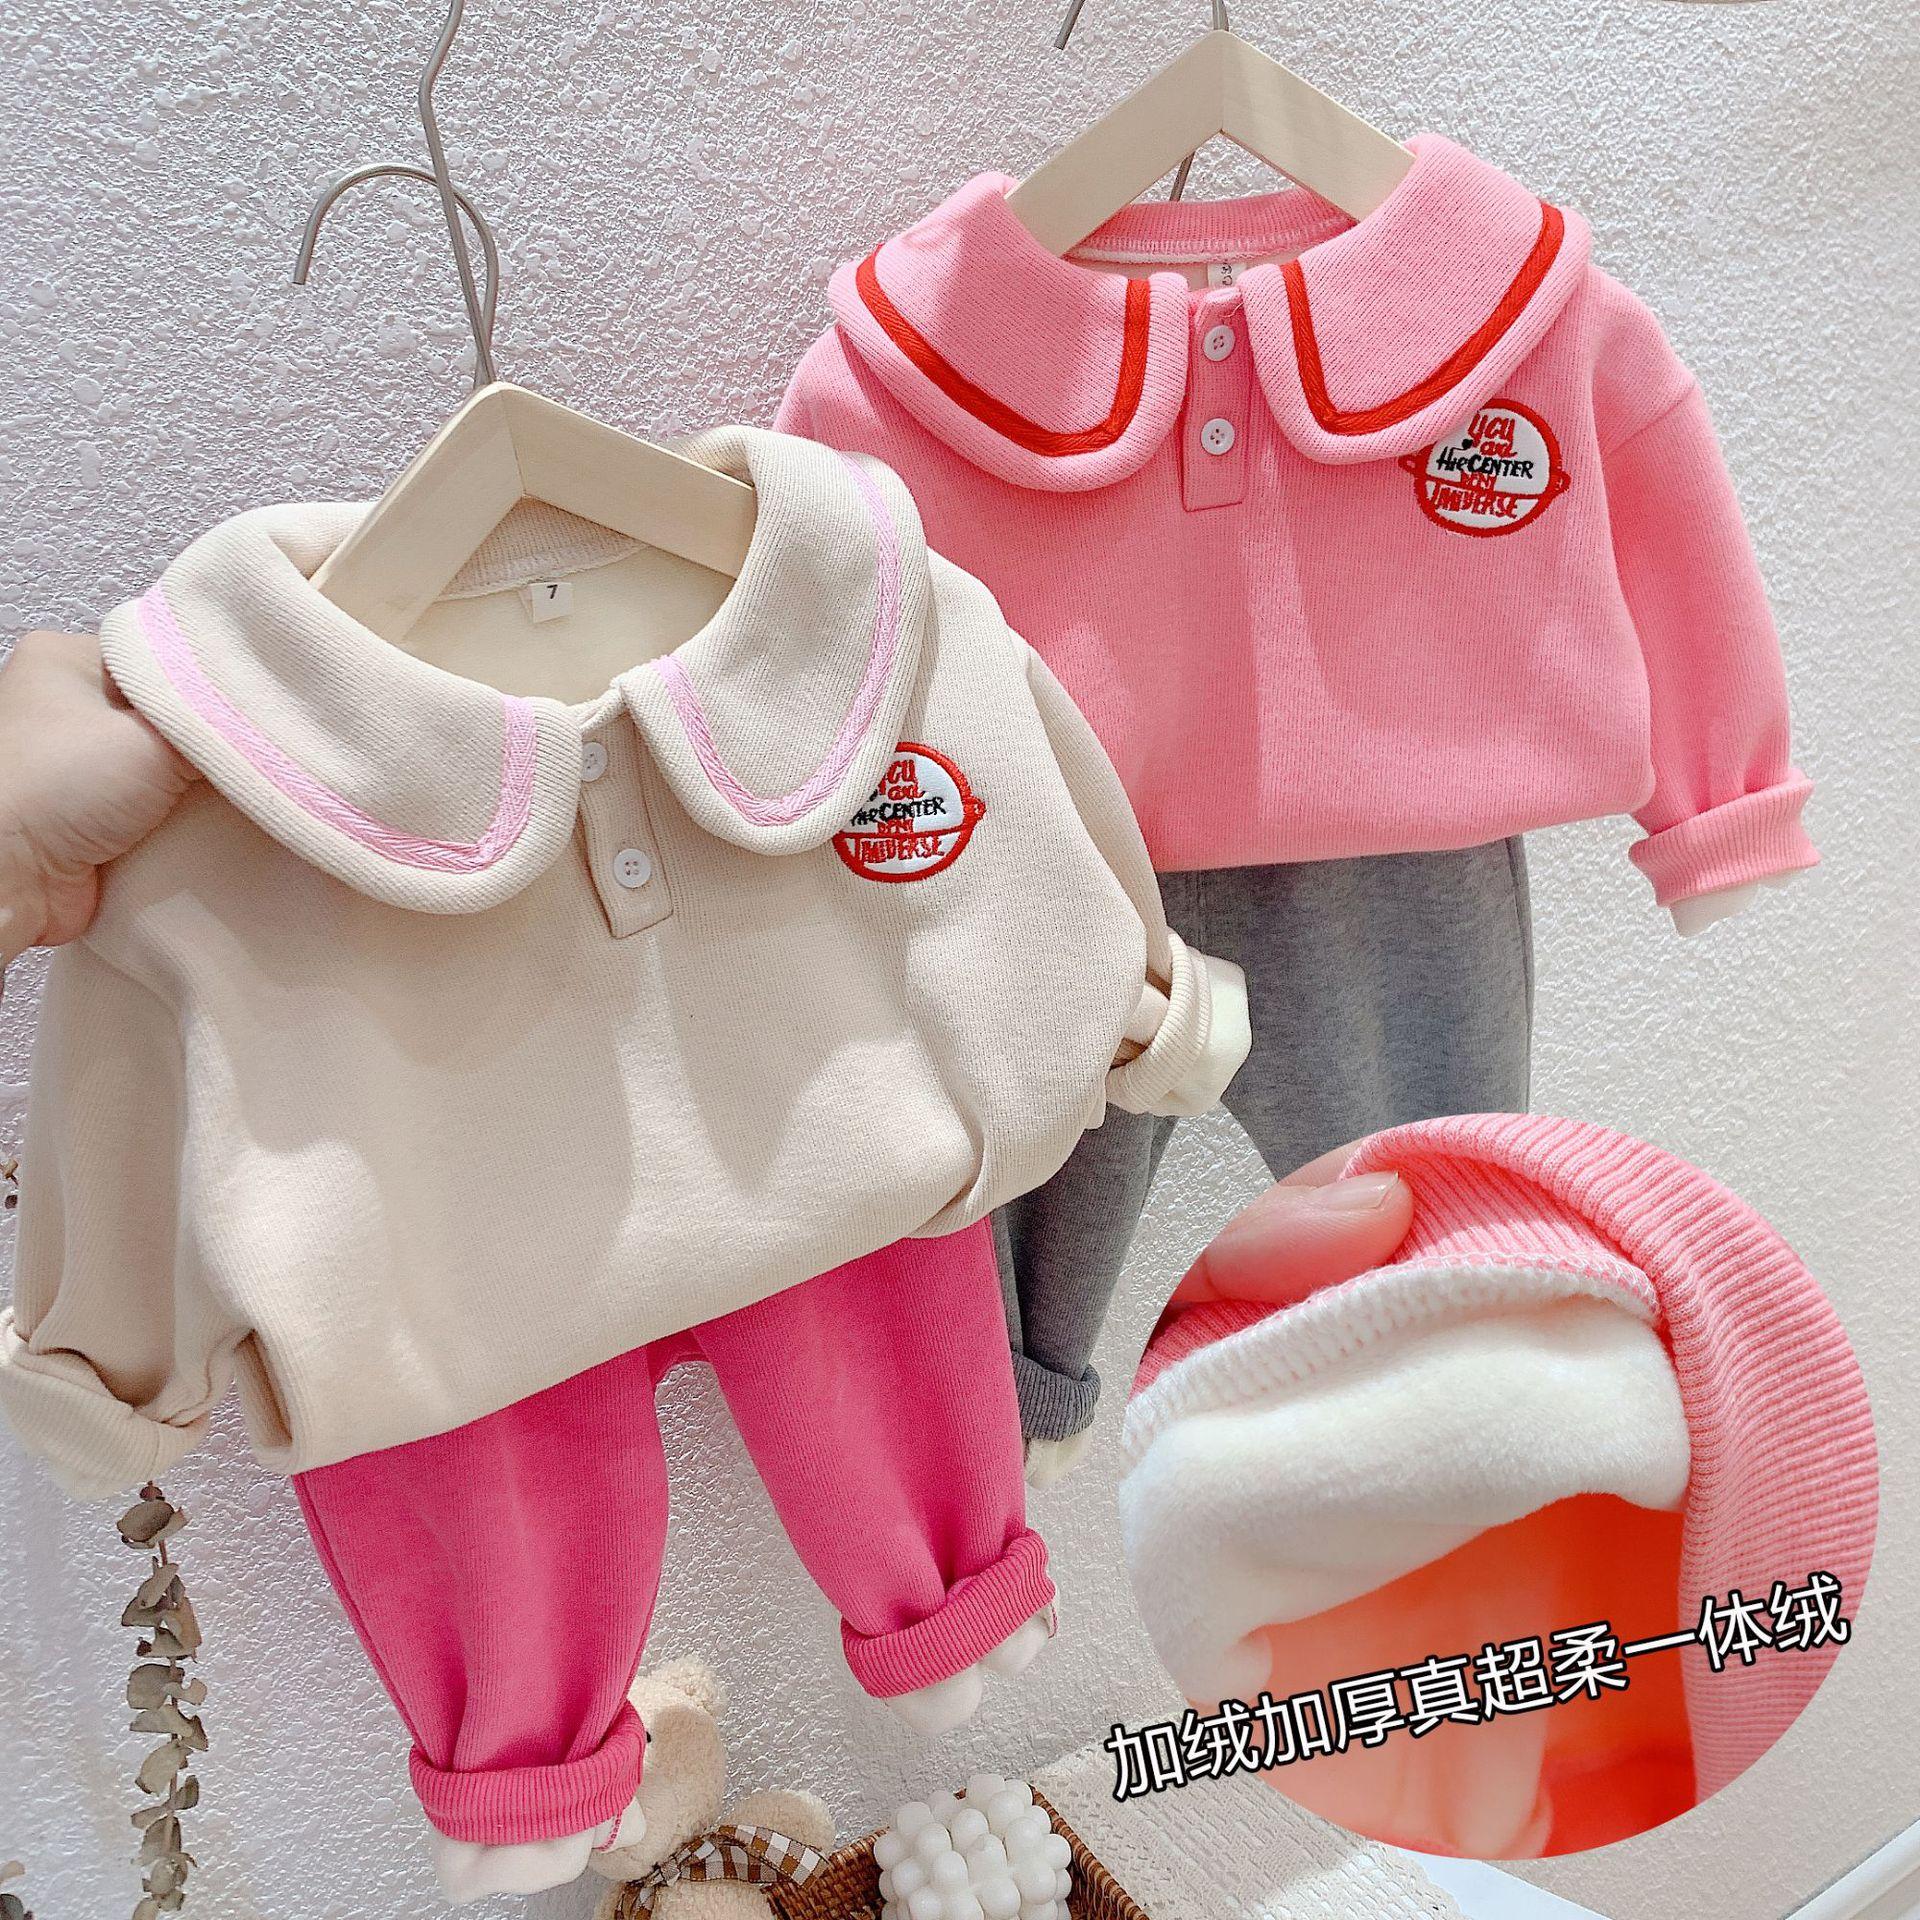 包邮女童秋冬装韩版运动套装儿童洋气两件套贴布翻领学院风卫衣